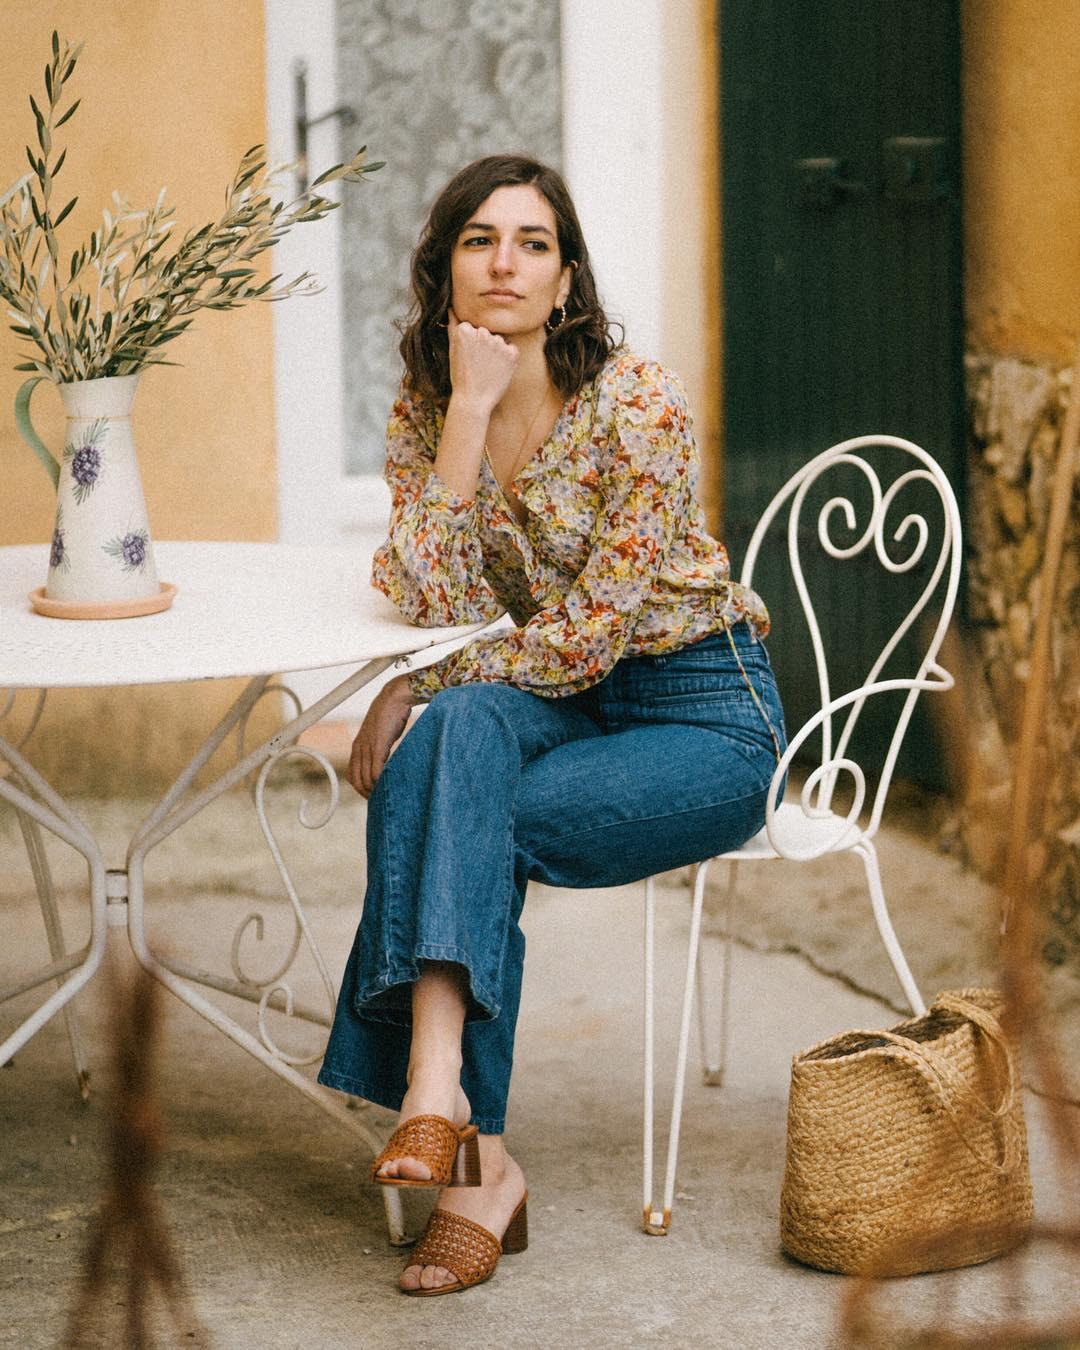 Quý cô người Pháp có style chuẩn nàng thơ: Không thể sống thiếu váy quấn, diện đồ 'hoa lá hẹ' mà vẫn rất mực tinh tế - Ảnh 11